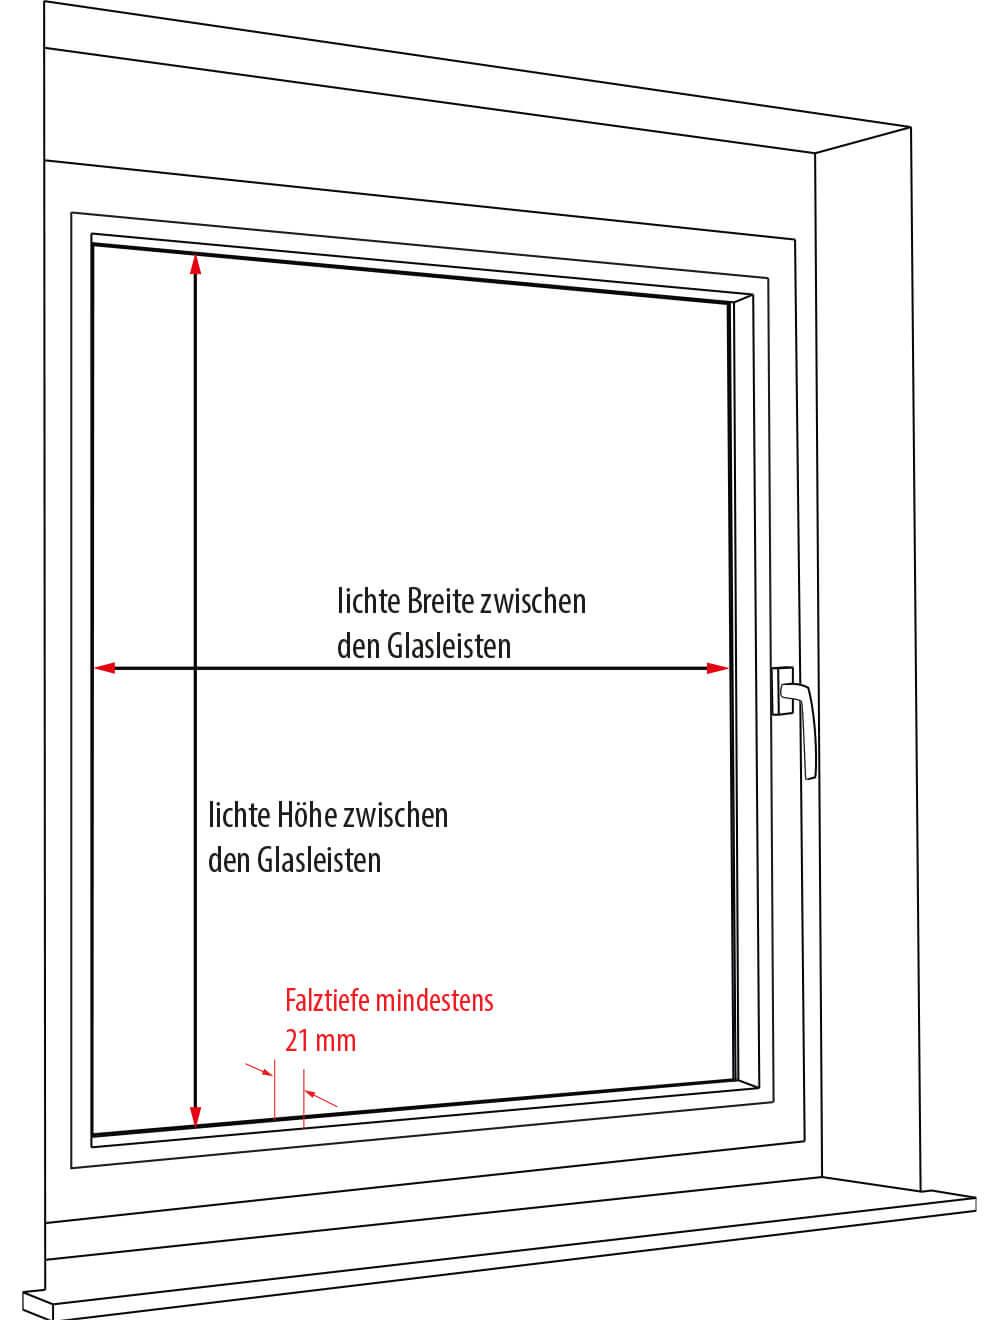 Plissee rollo messen my blog for Fenster messen